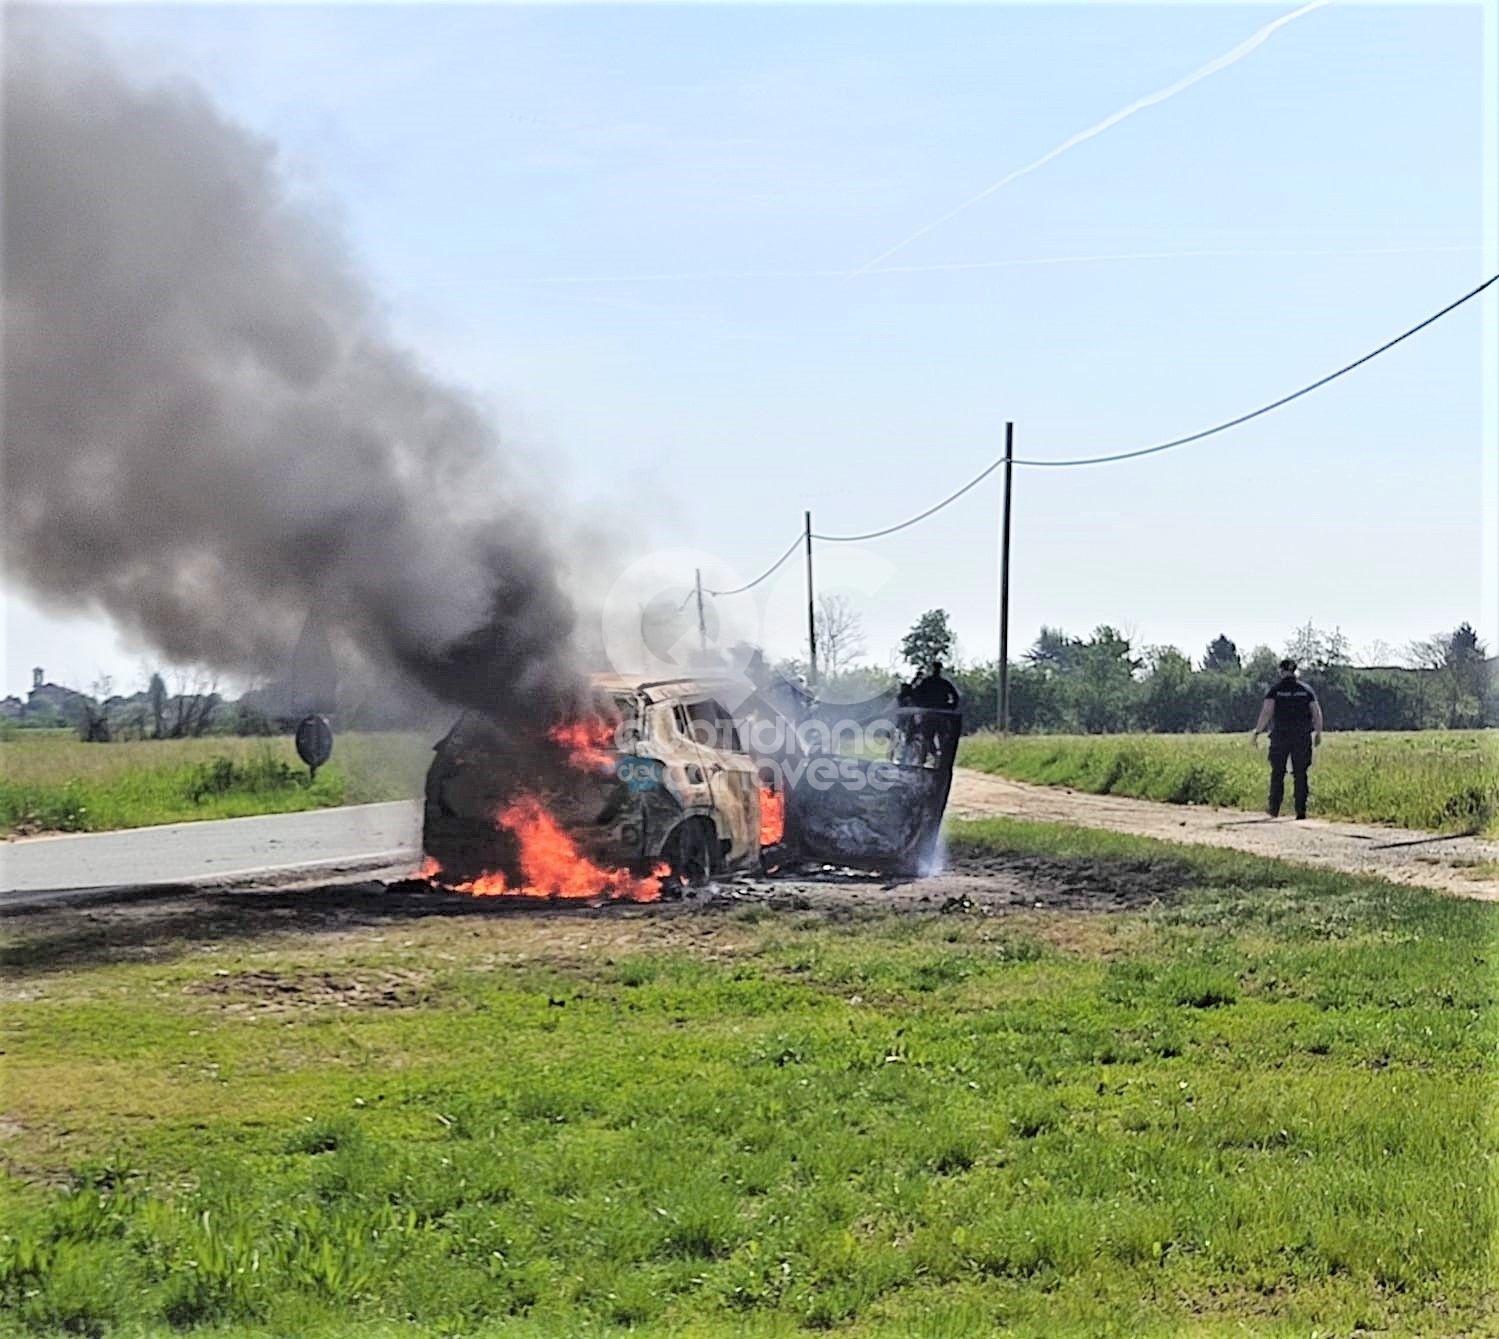 RIVAROLO CANAVESE - Auto prende fuoco durante la marcia: mamma, papà e bimbo salvi per miracolo - FOTO